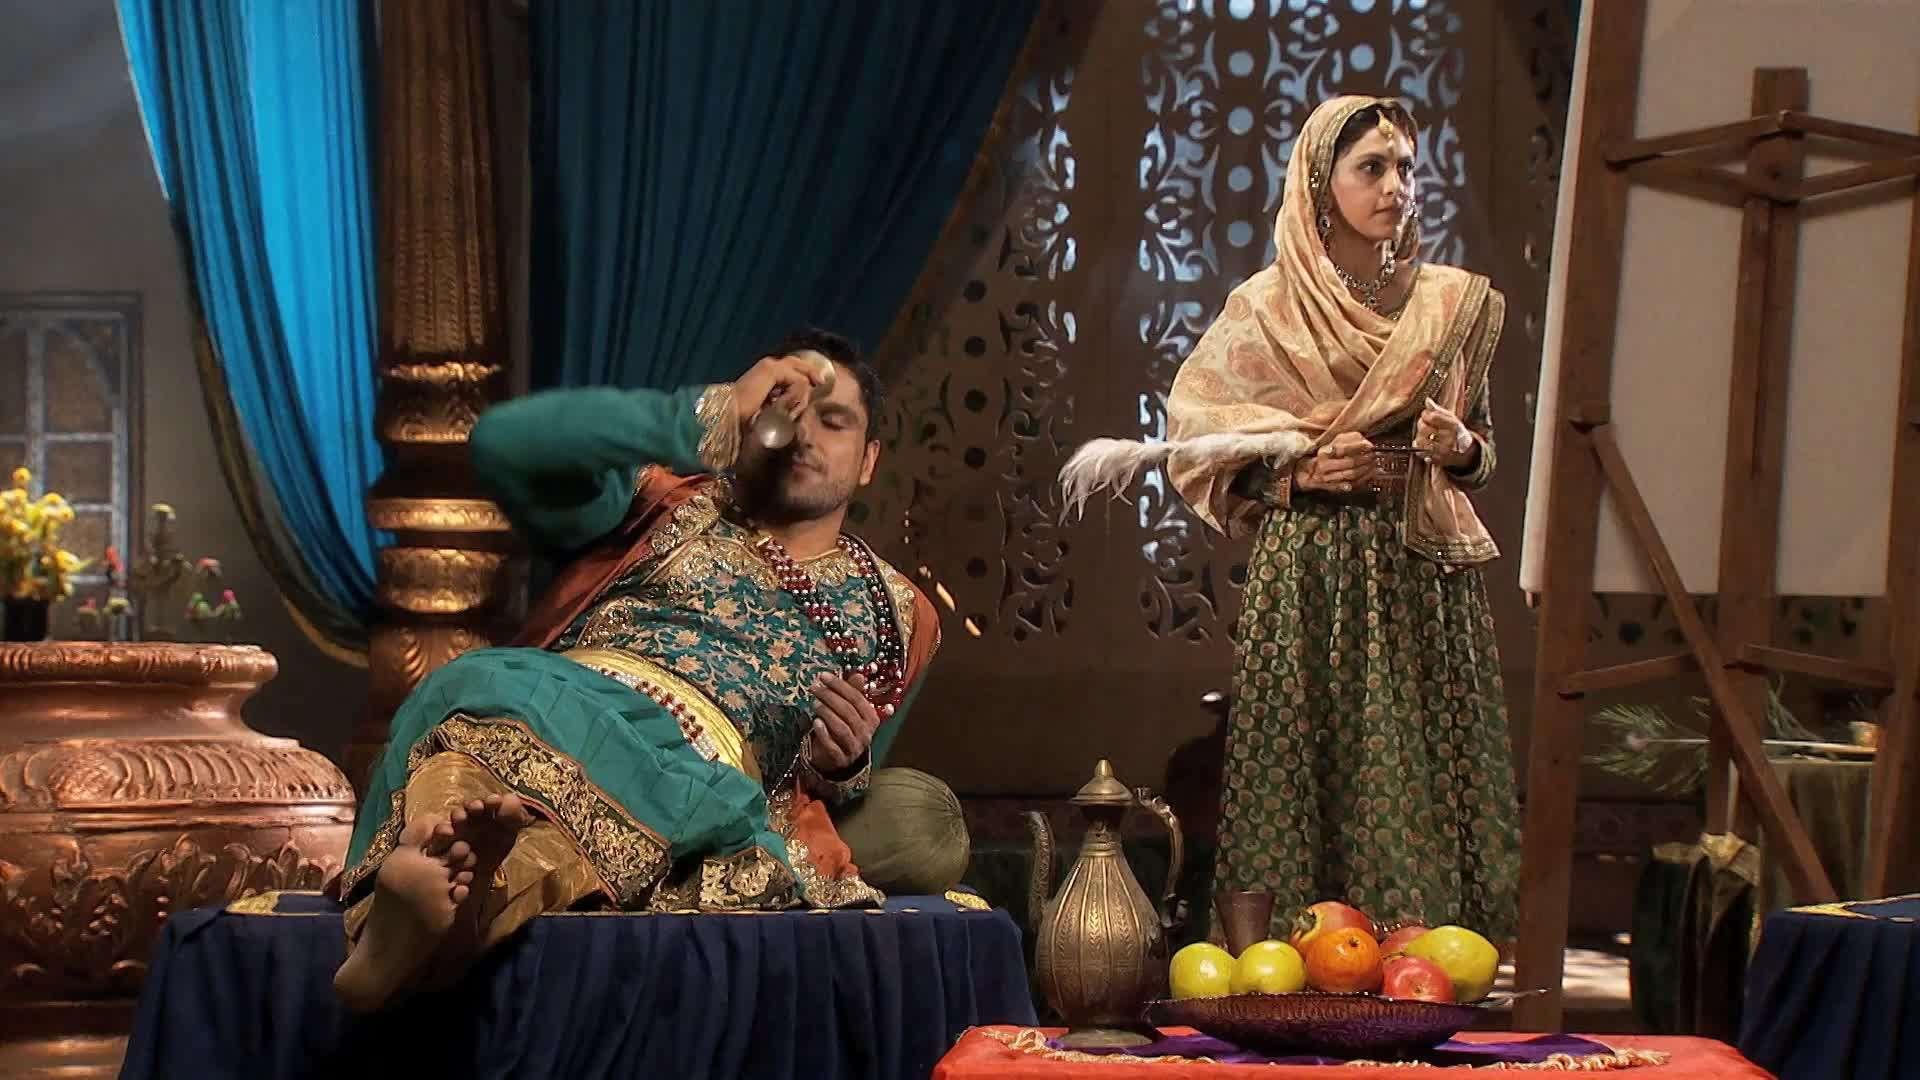 المسلسل الهندي التاريخي جودا أكبر الجزء الثاني (2013) [مدبلج] كامل 1080p تحميل تورنت 9 arabp2p.com